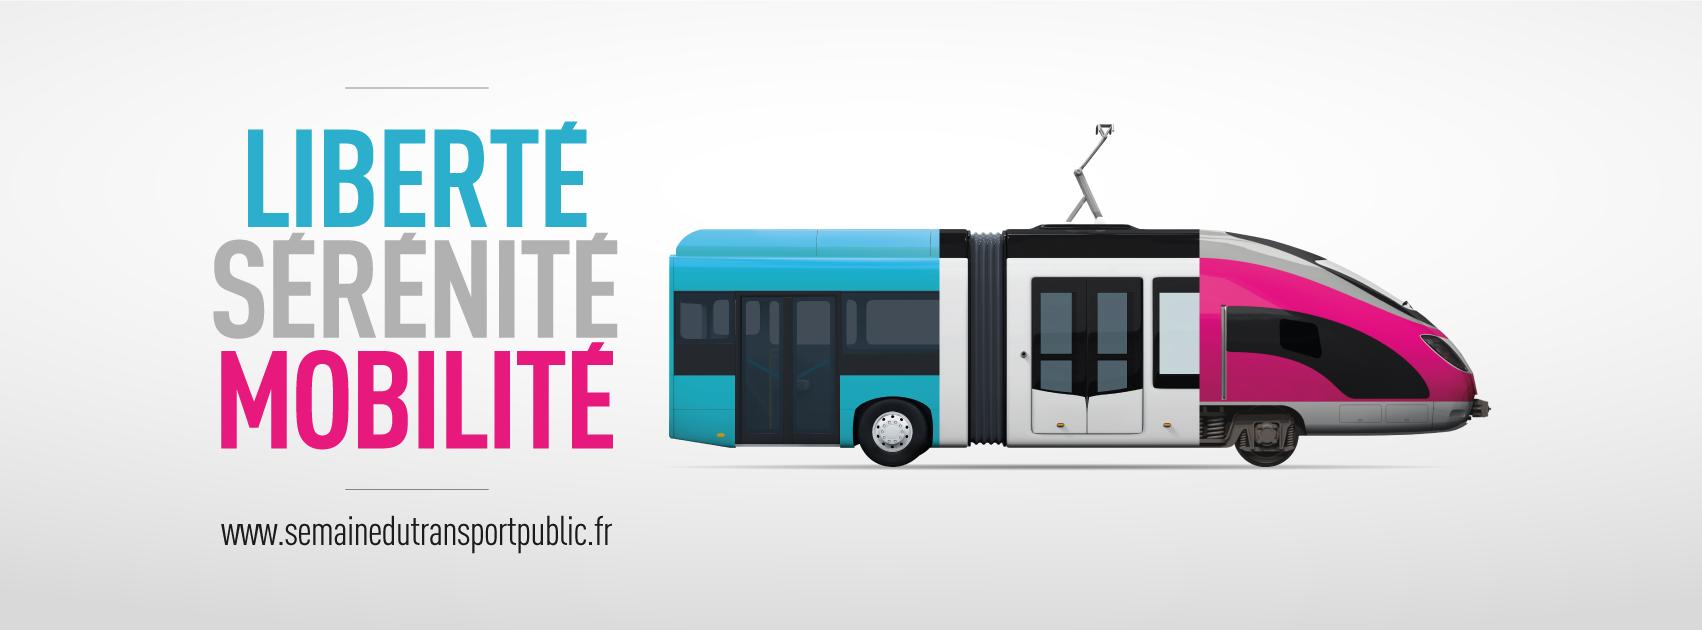 Semaine du Transport public